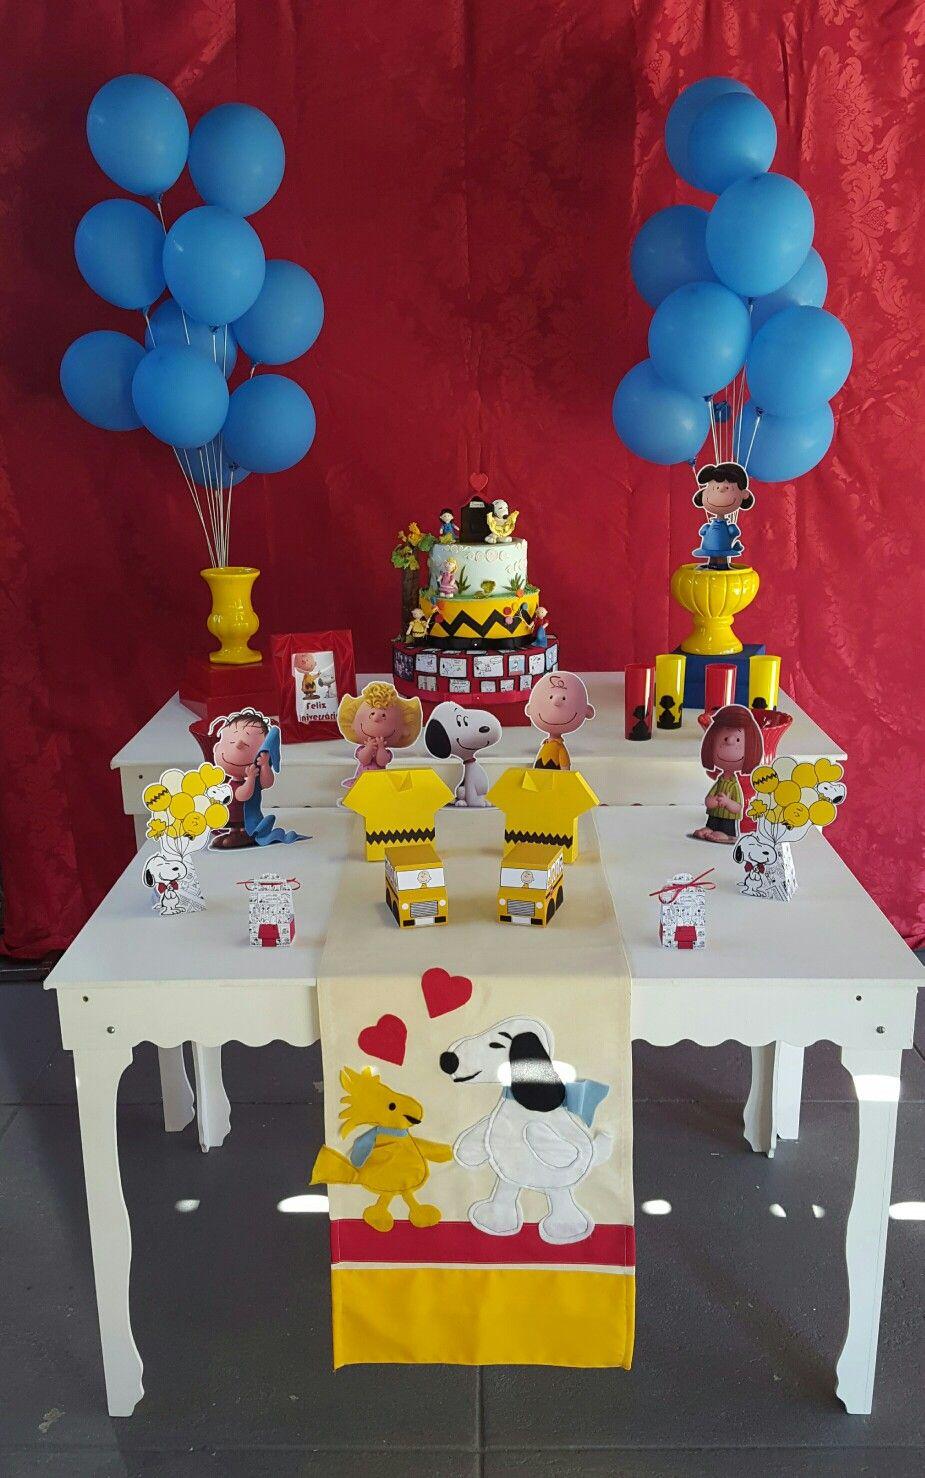 Festa Snoopy. Decoração e papelaria por Ladybugs Festas. #ladybugsfestas #ladybugspapelaria #ladybugsdecoracao #ladybugslocacao